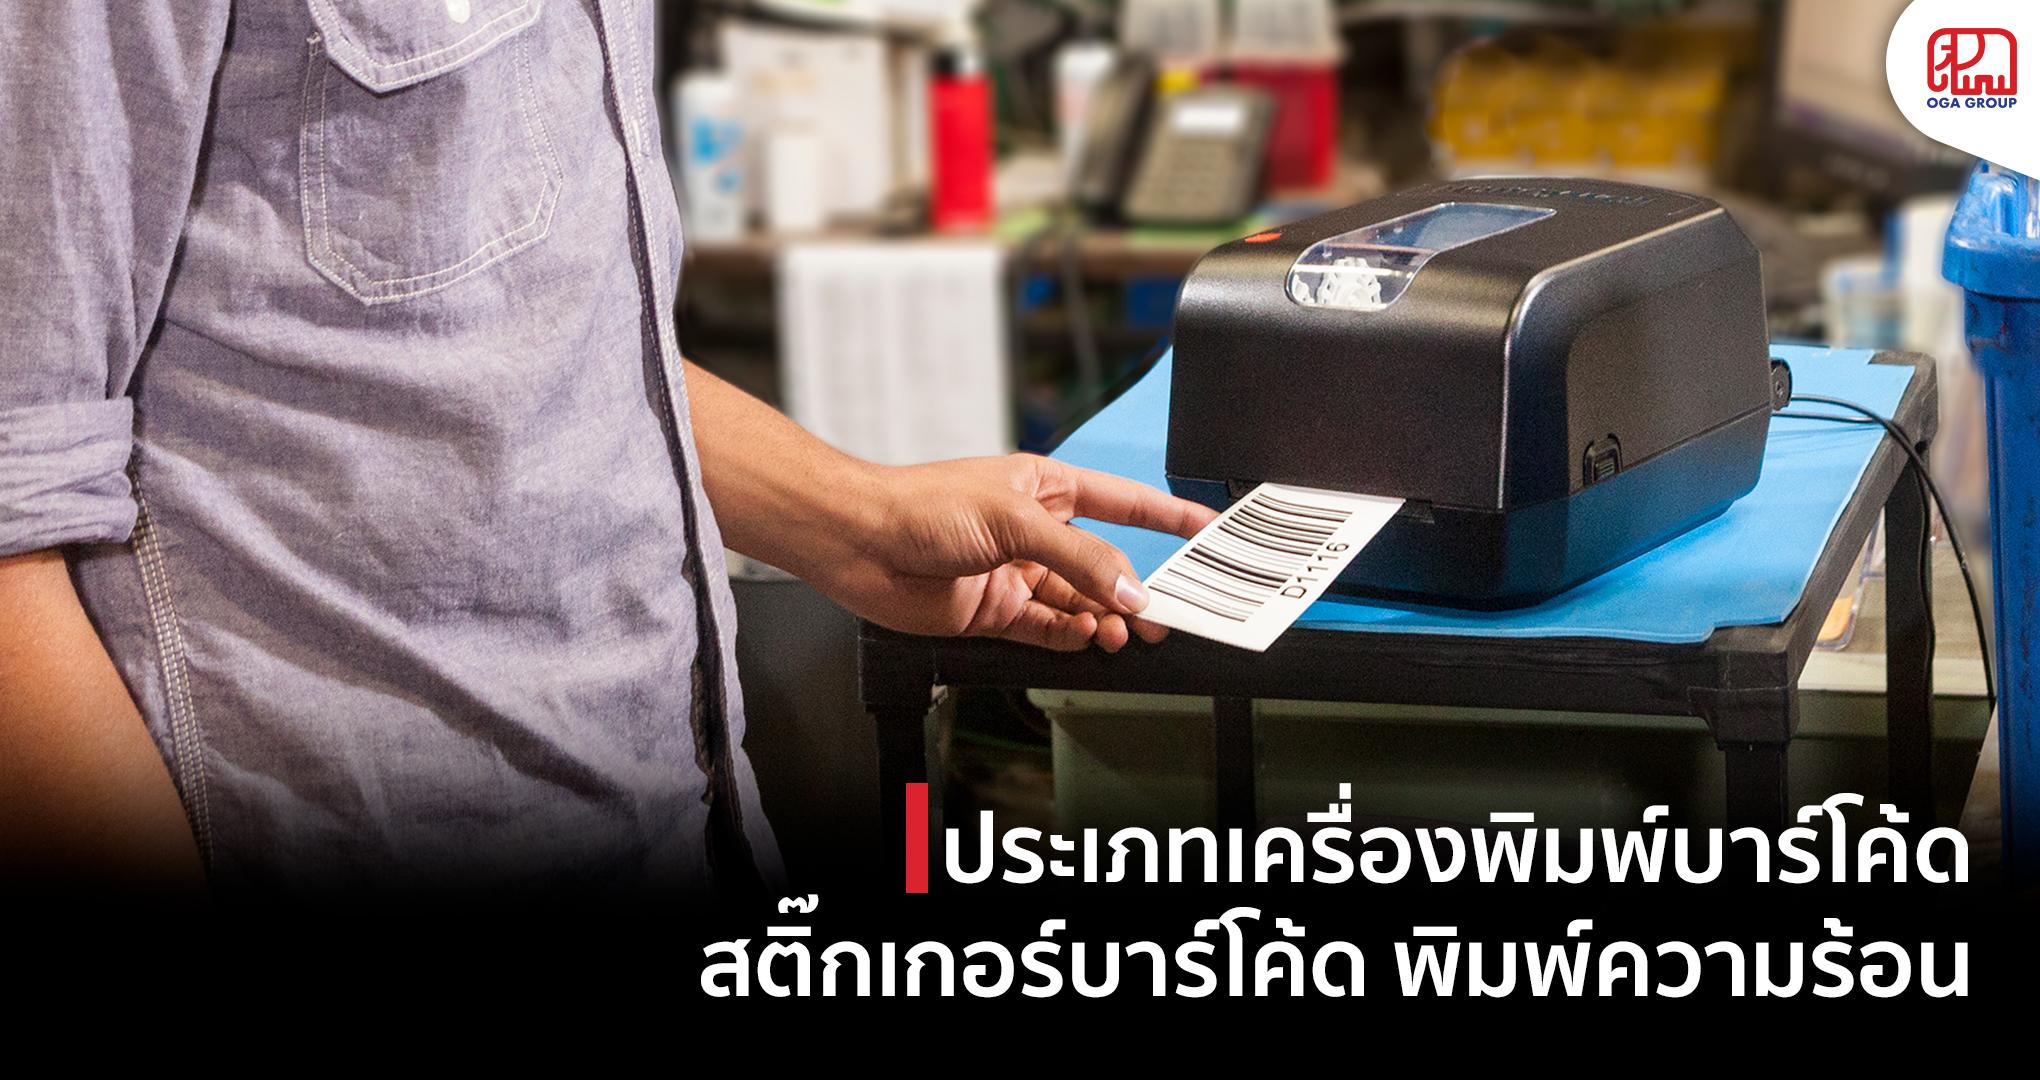 ประเภทเครื่องพิมพ์บาร์โค้ด สติ๊กเกอร์บาร์โค้ด พิมพ์ความร้อน